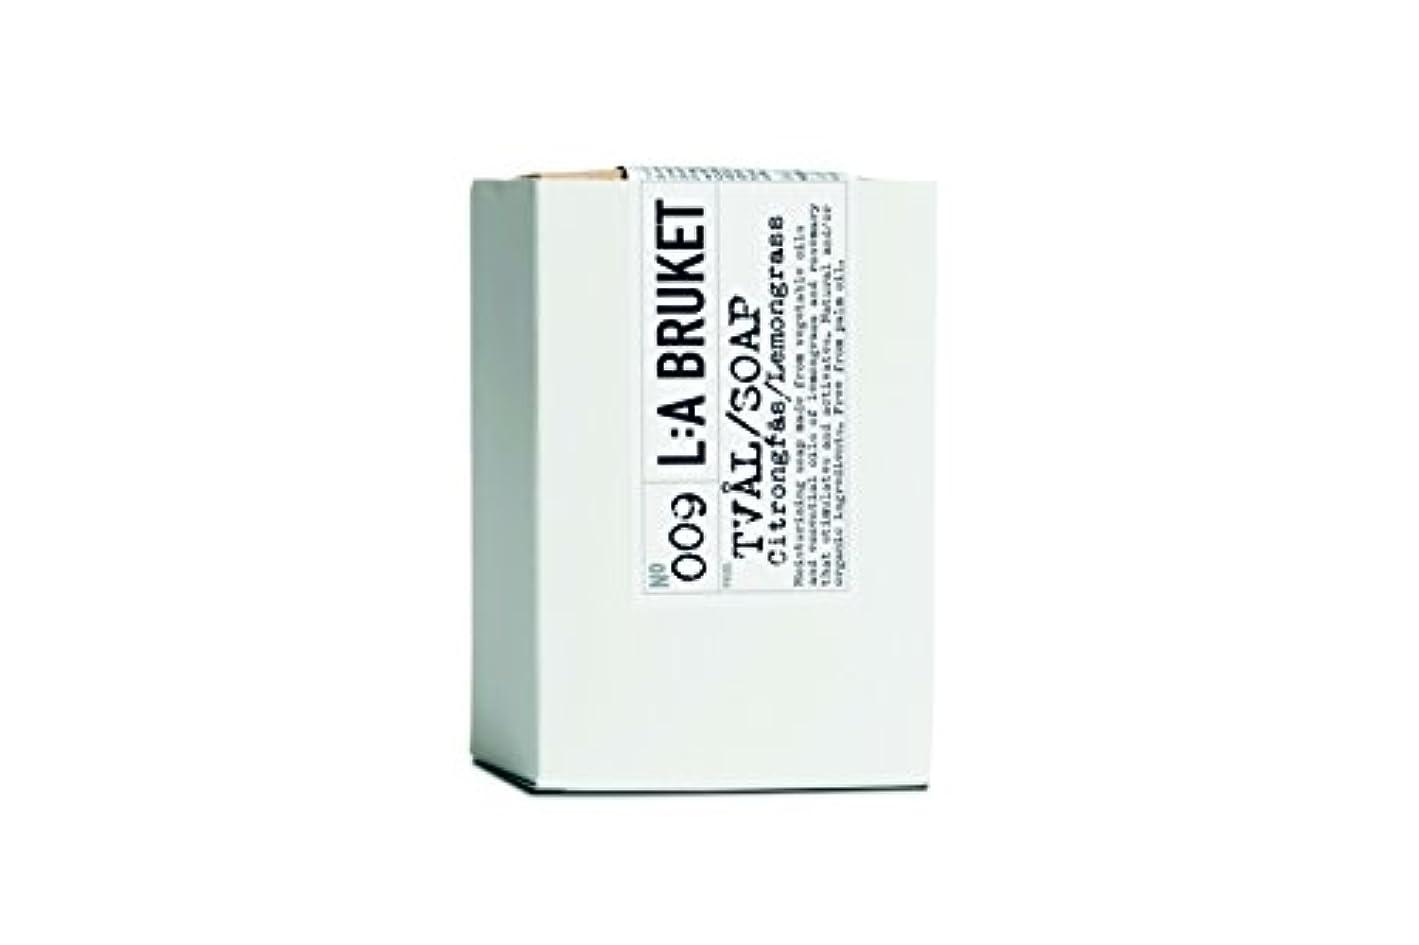 対話コンテンポラリーポーンL:a Bruket (ラ ブルケット) バーソープ (レモングラス) 120g